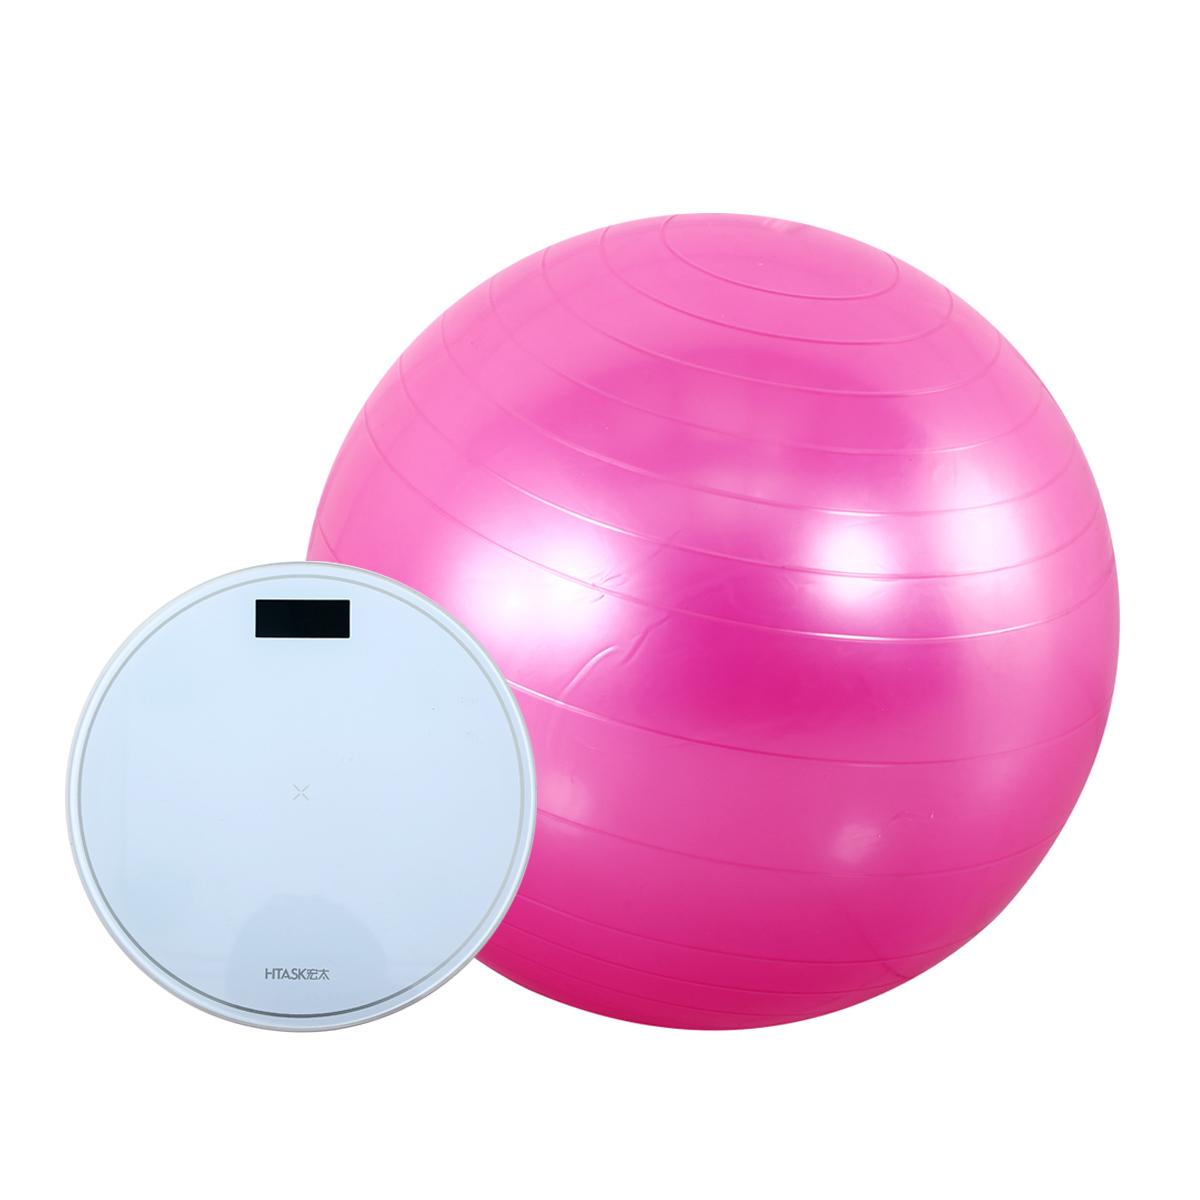 宏太HTASK 光滑瑜伽球+液晶背光电子秤带温度显示 HT-01NQ-1ES